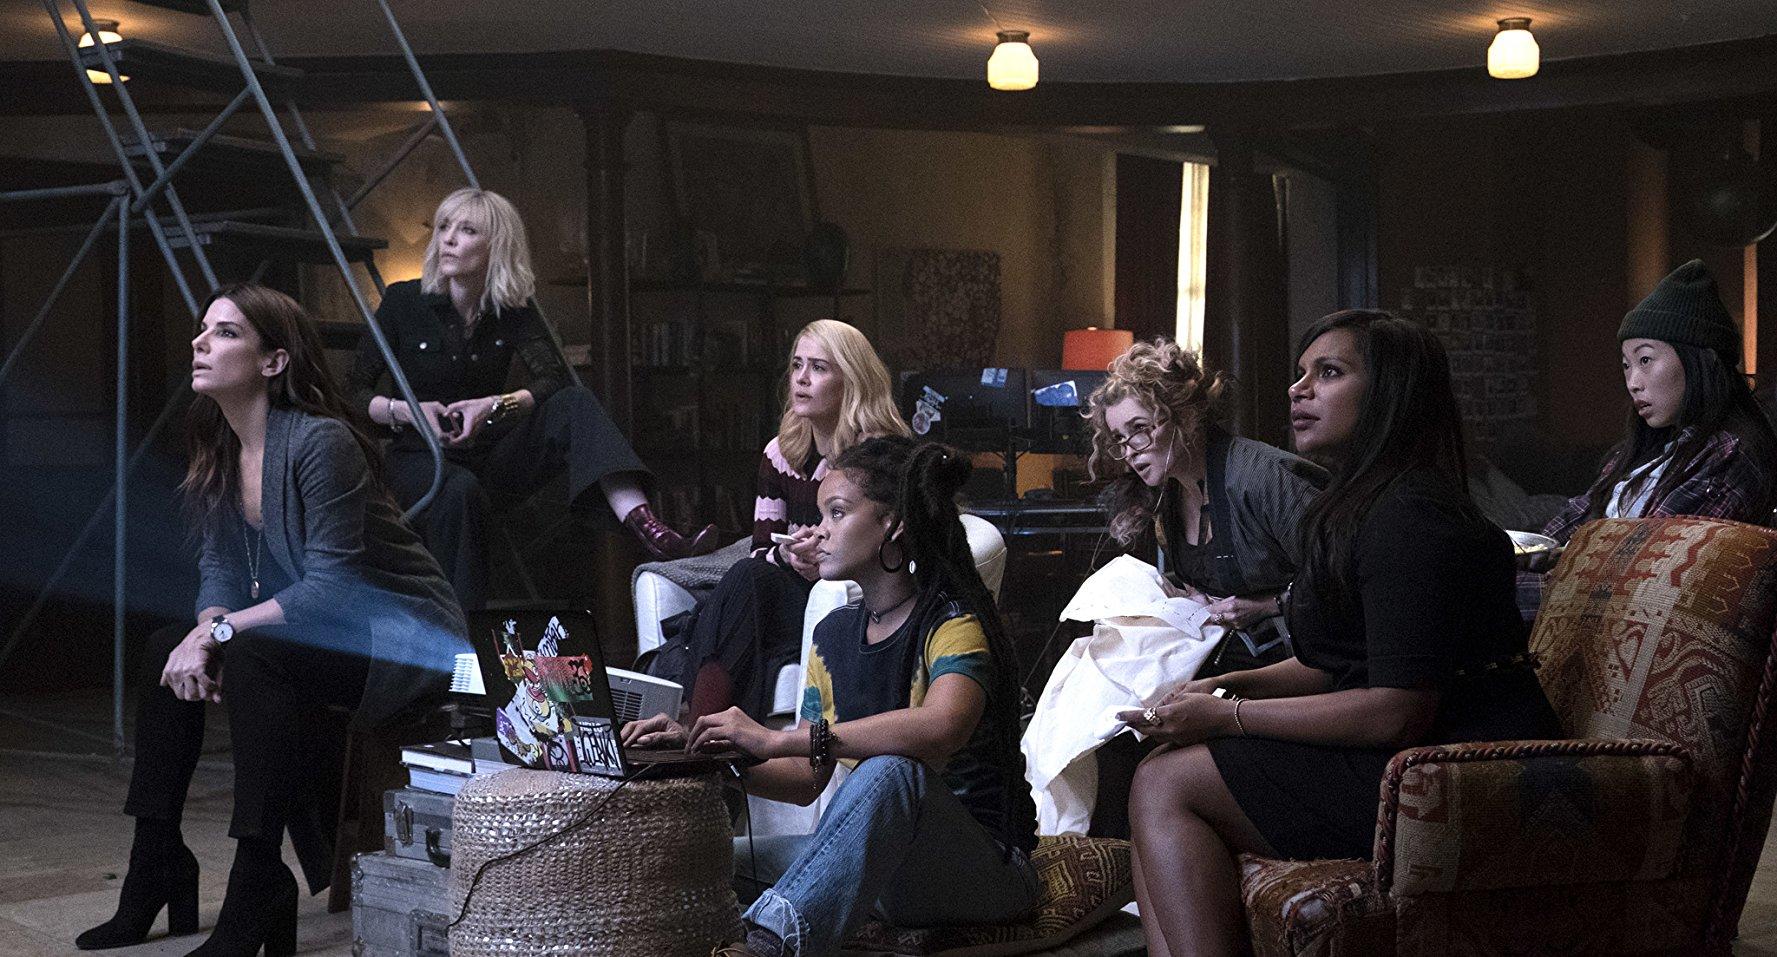 史蒂芬索德柏 《 瞞天過海 : 八面玲瓏 》的問世,無疑是打算搭上這波 好萊塢 影壇 「 女性當道 」的話題。